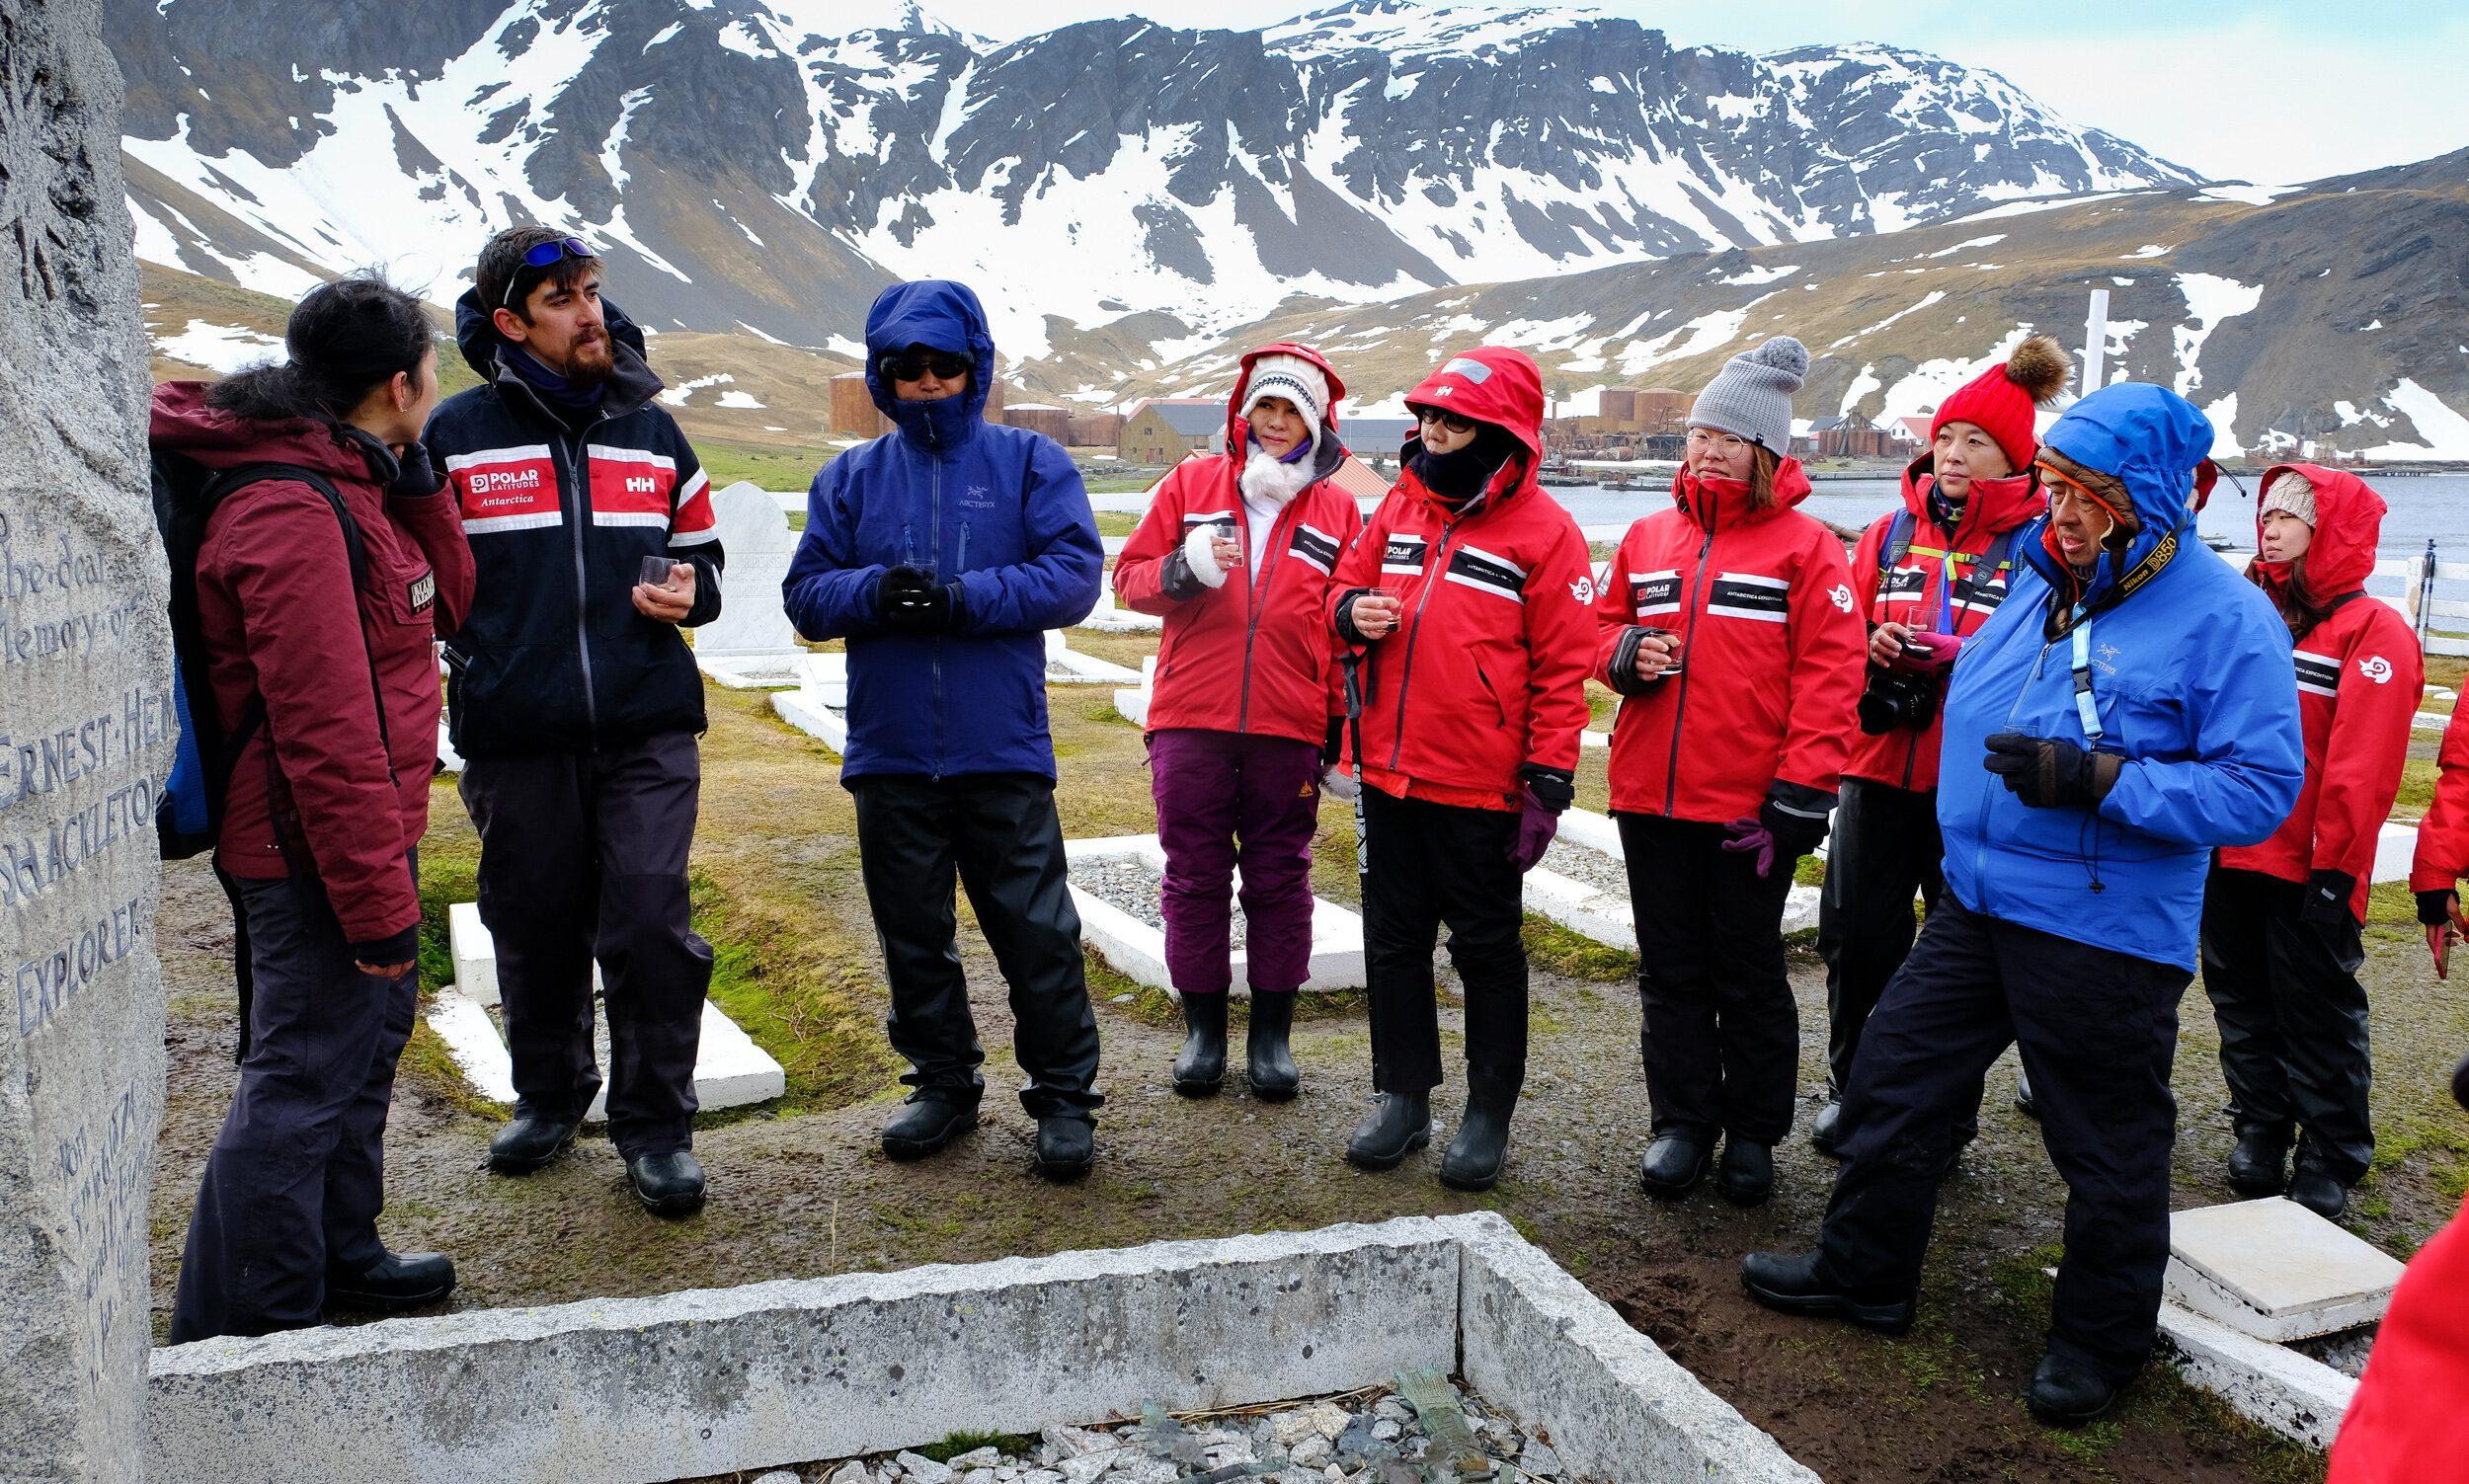 A visit to Shackleton's grave